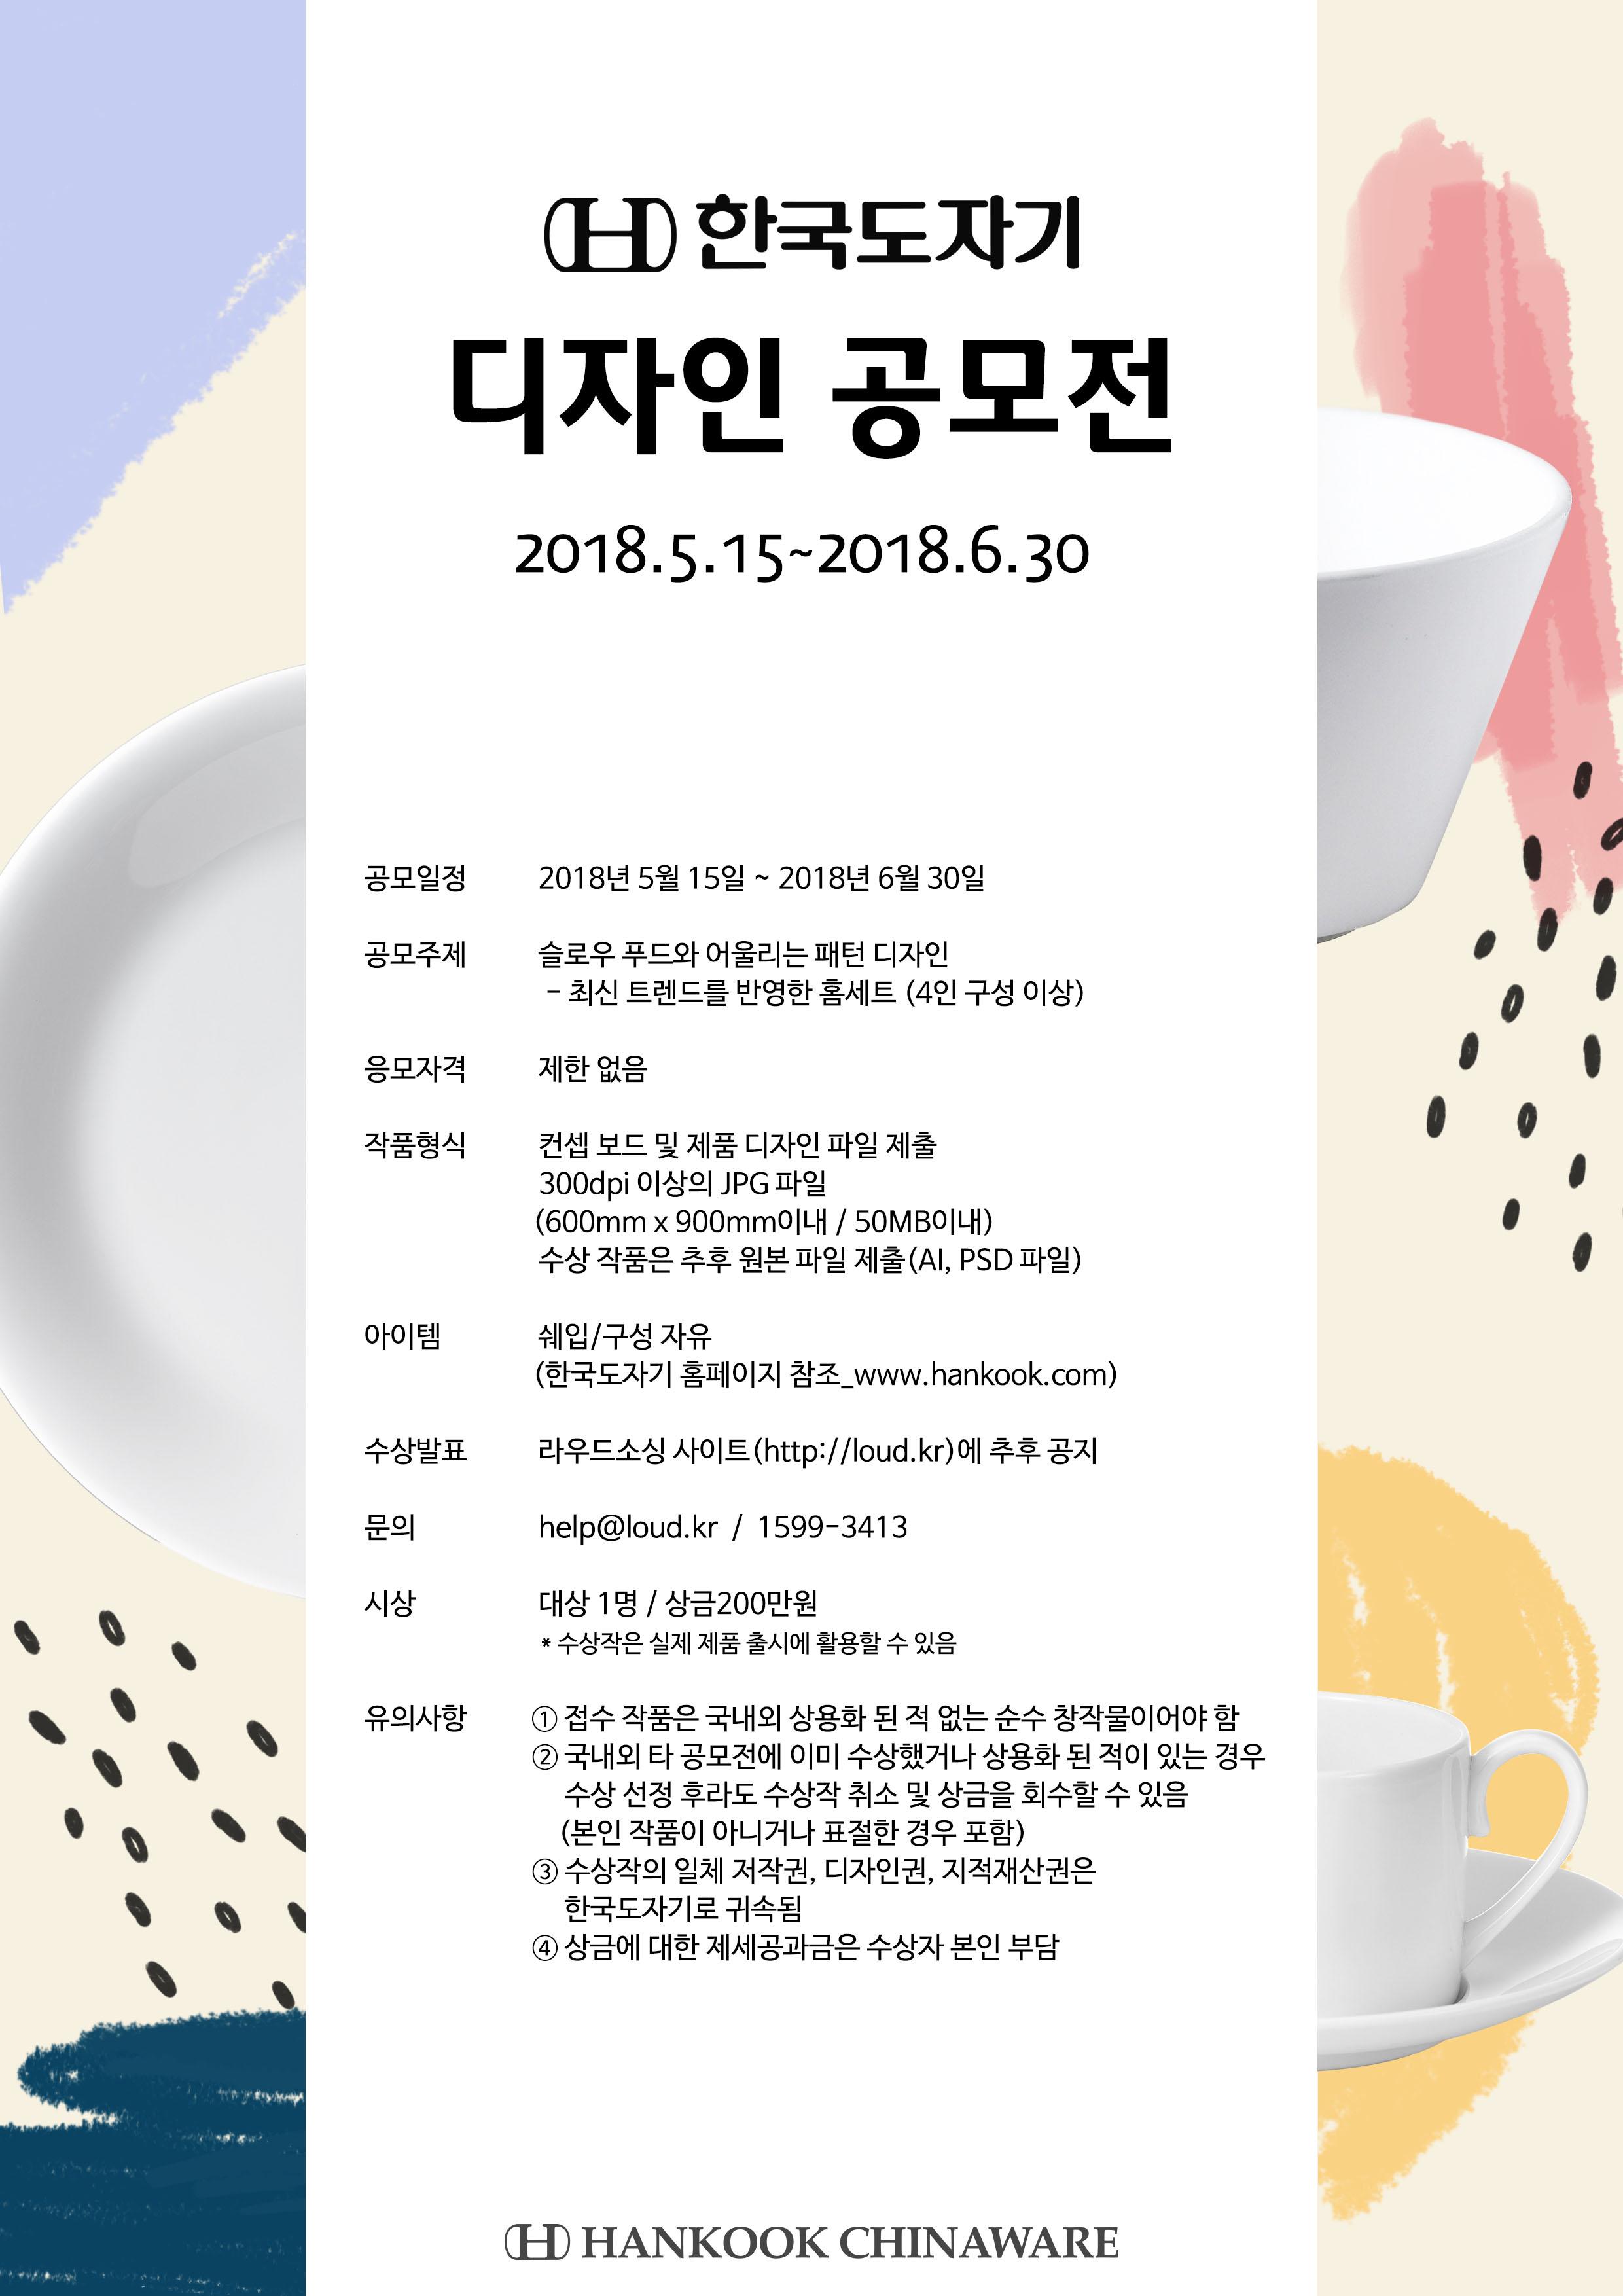 2018 한국도자기 제품 일러스트 디자인 공모전